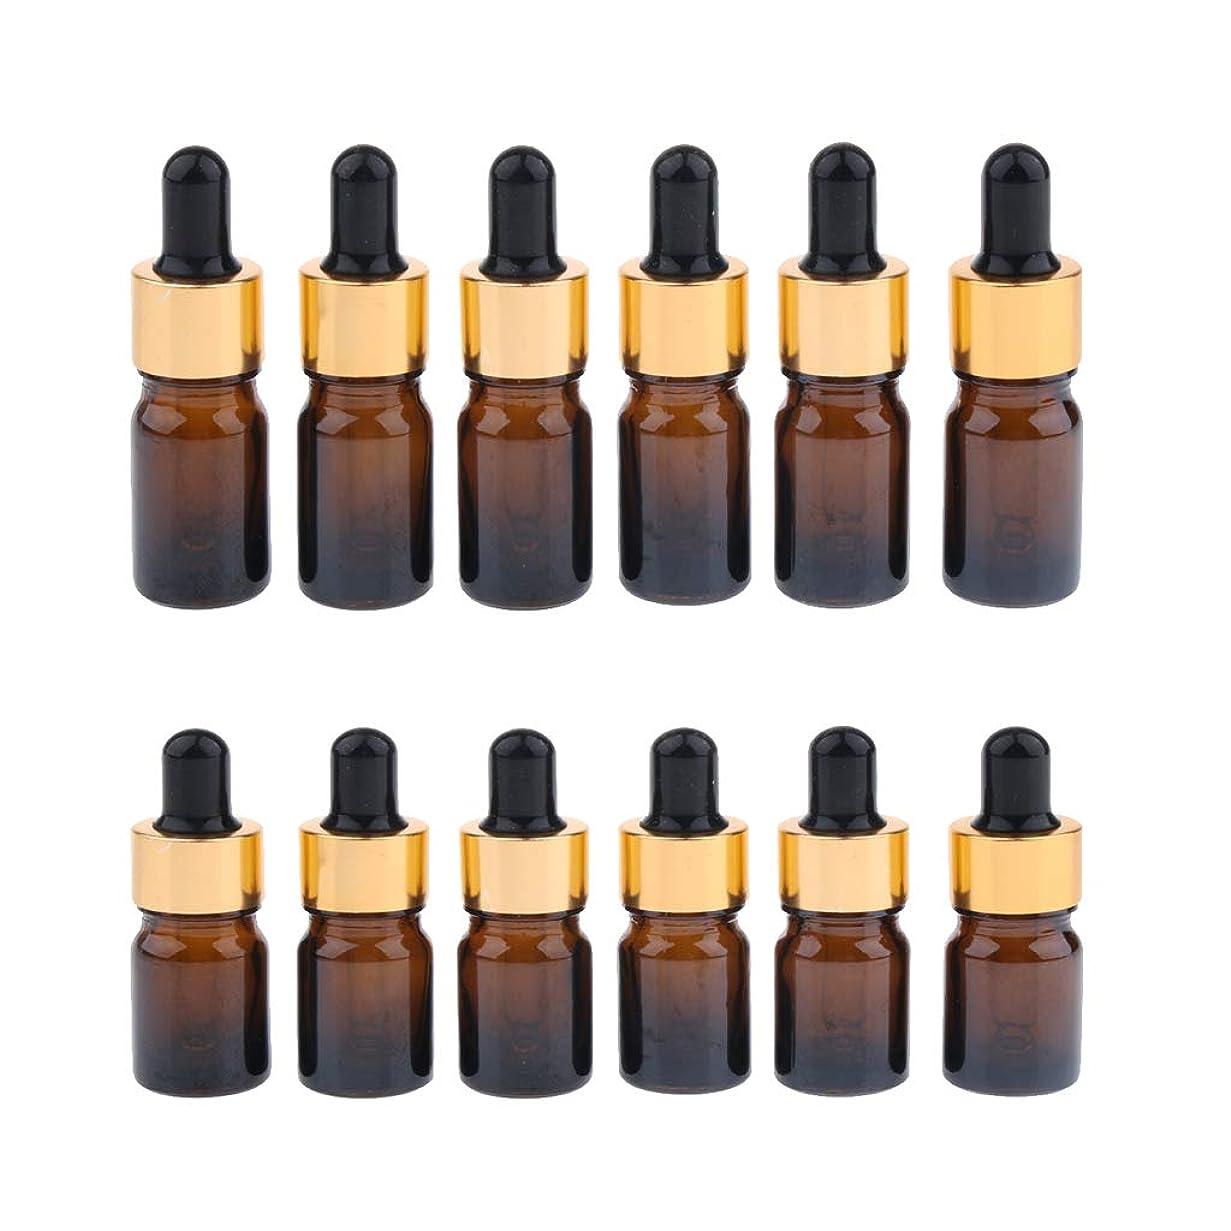 ひも体細胞銅Fenteer スポイトボトル 空ボトル 詰め替え 精油 化粧品 保存用 トラベル 携帯 5ml/10ml 12個入